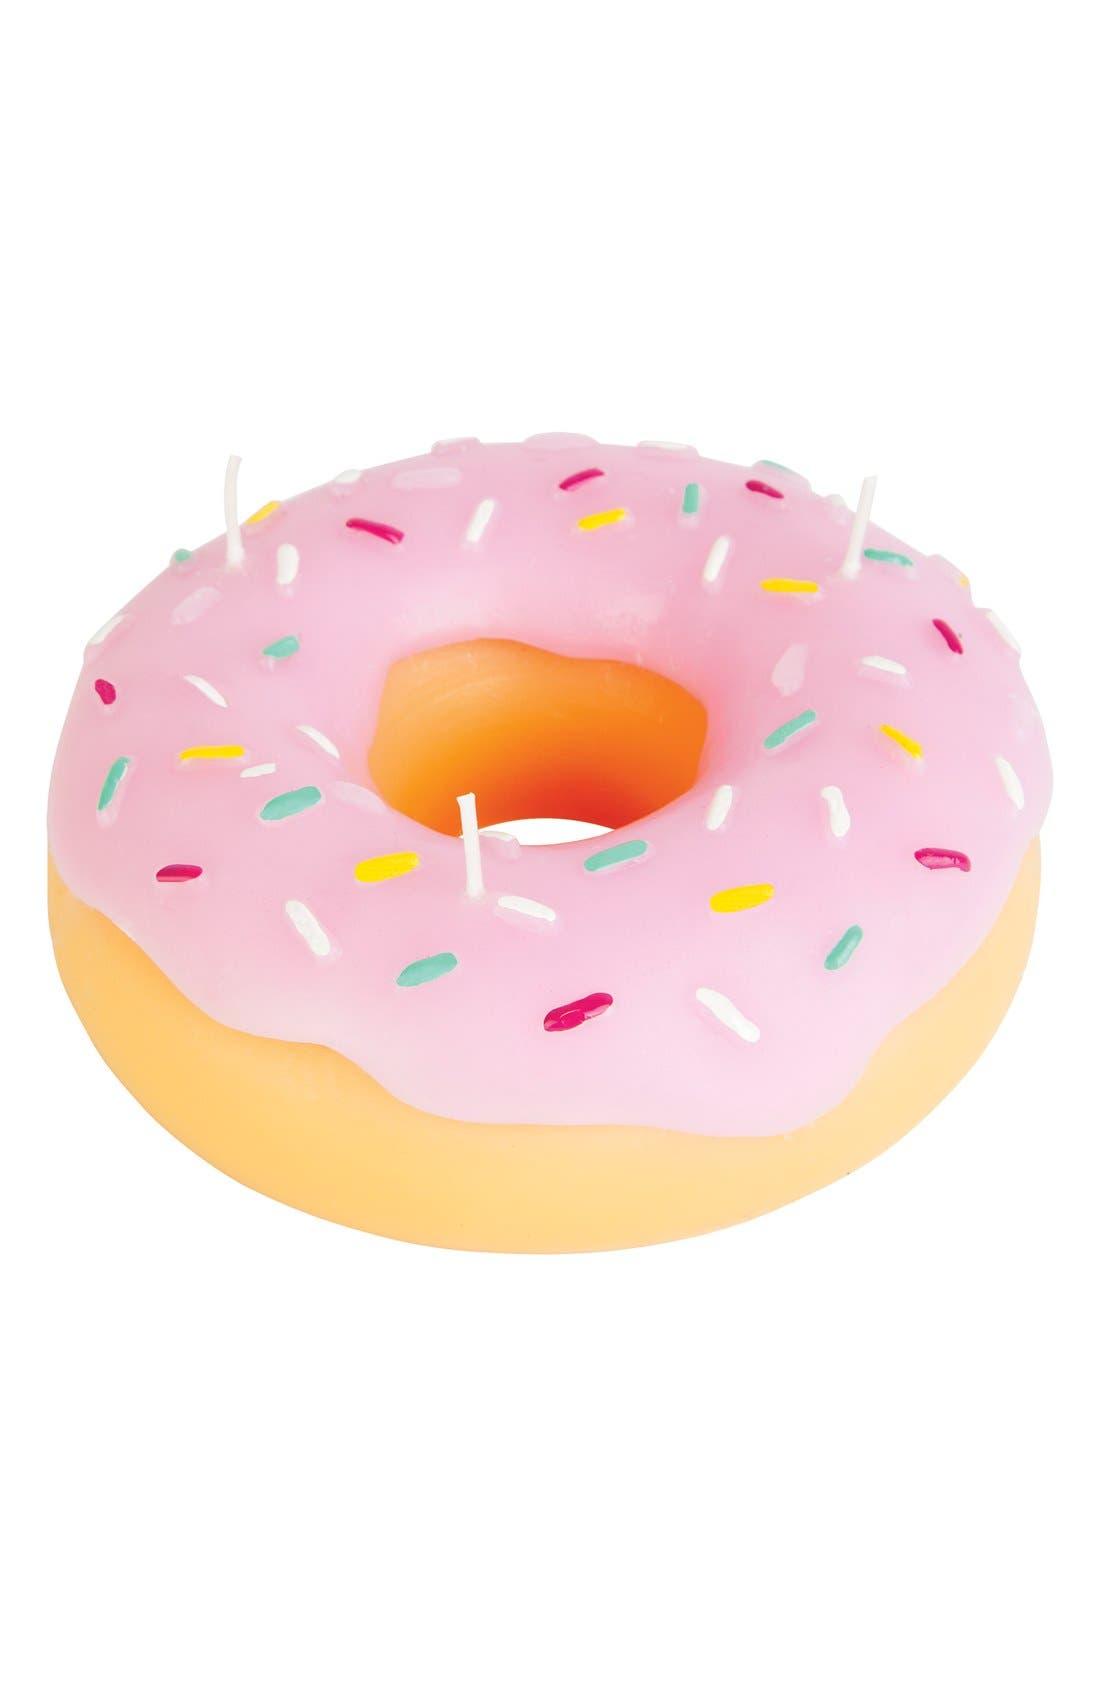 Alternate Image 1 Selected - Sunnylife Donut Candle